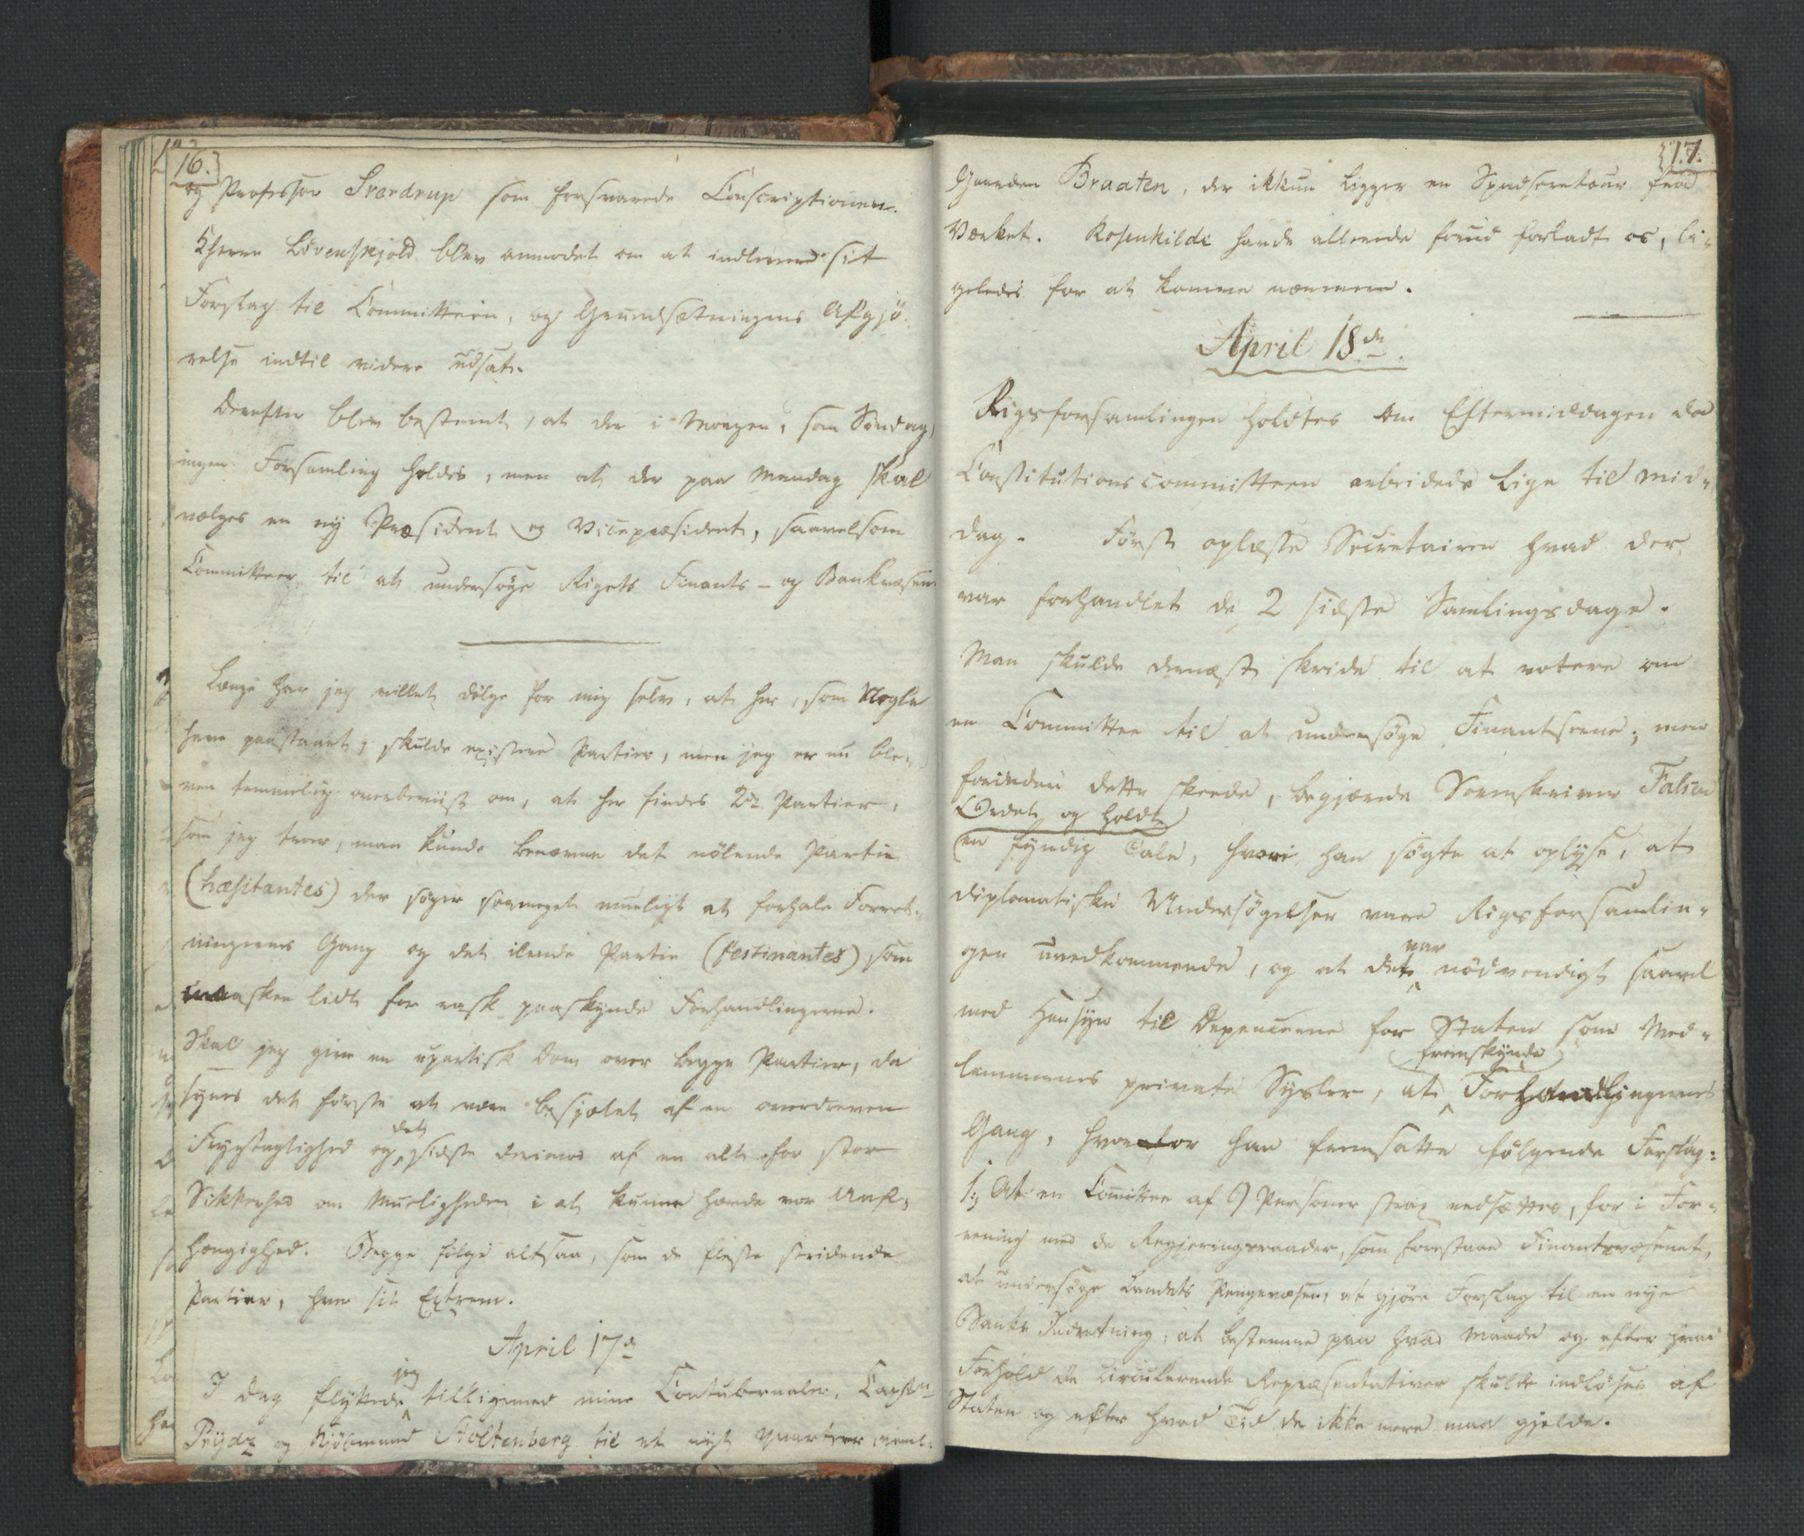 RA, Manuskriptsamlingen, H/L0021: Byfogd Gregers Winther Wulfbergs dagbok under Riksforsamlingen på Eidsvoll, 1814, s. 16-17